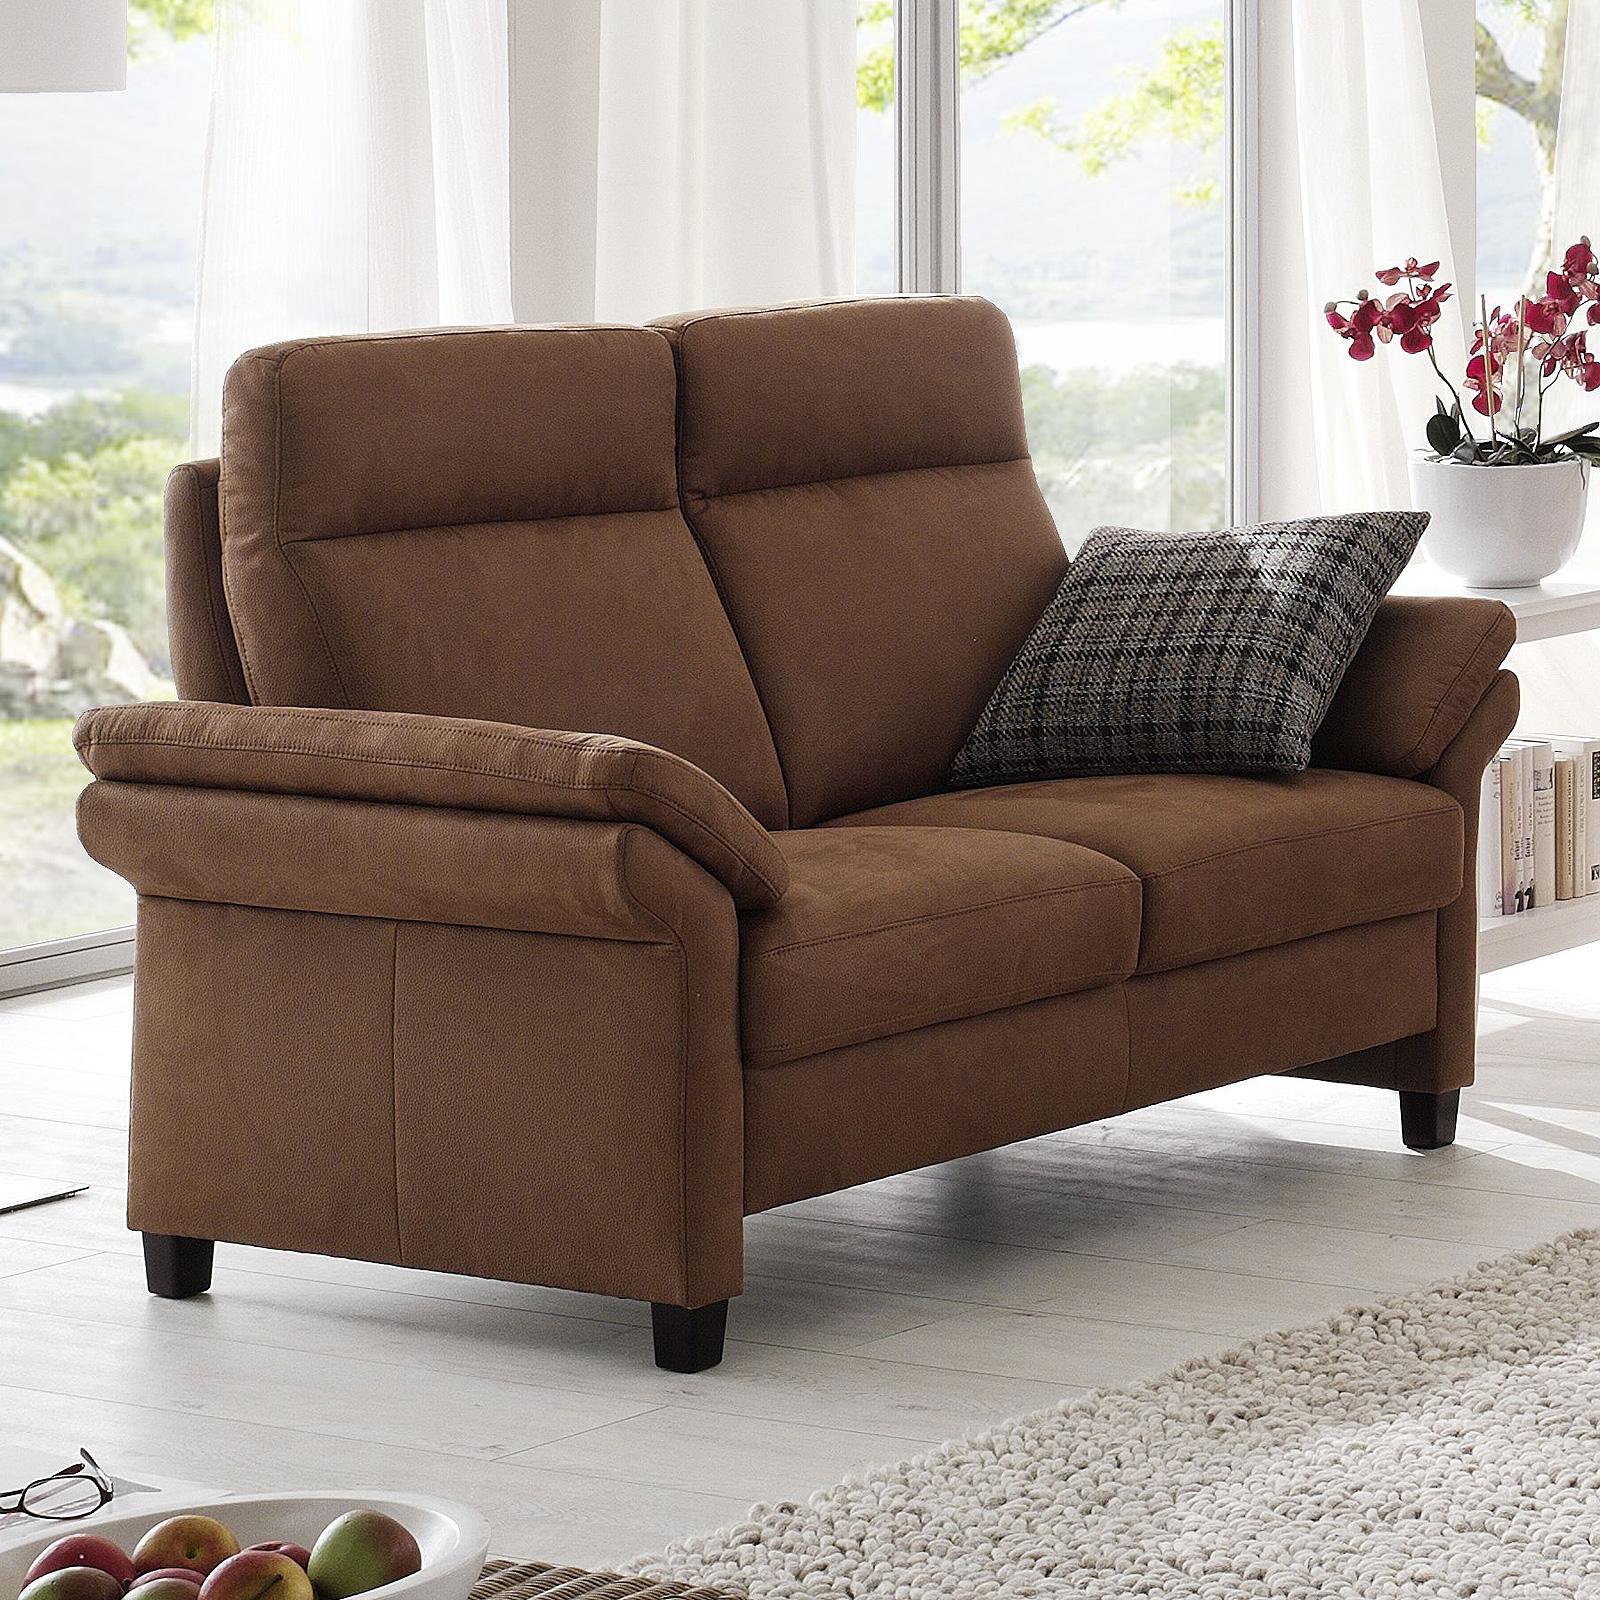 2 sitzer madeira 2er sofa polsterm bel in nougat braun inkl armlehnen 158 cm ebay. Black Bedroom Furniture Sets. Home Design Ideas